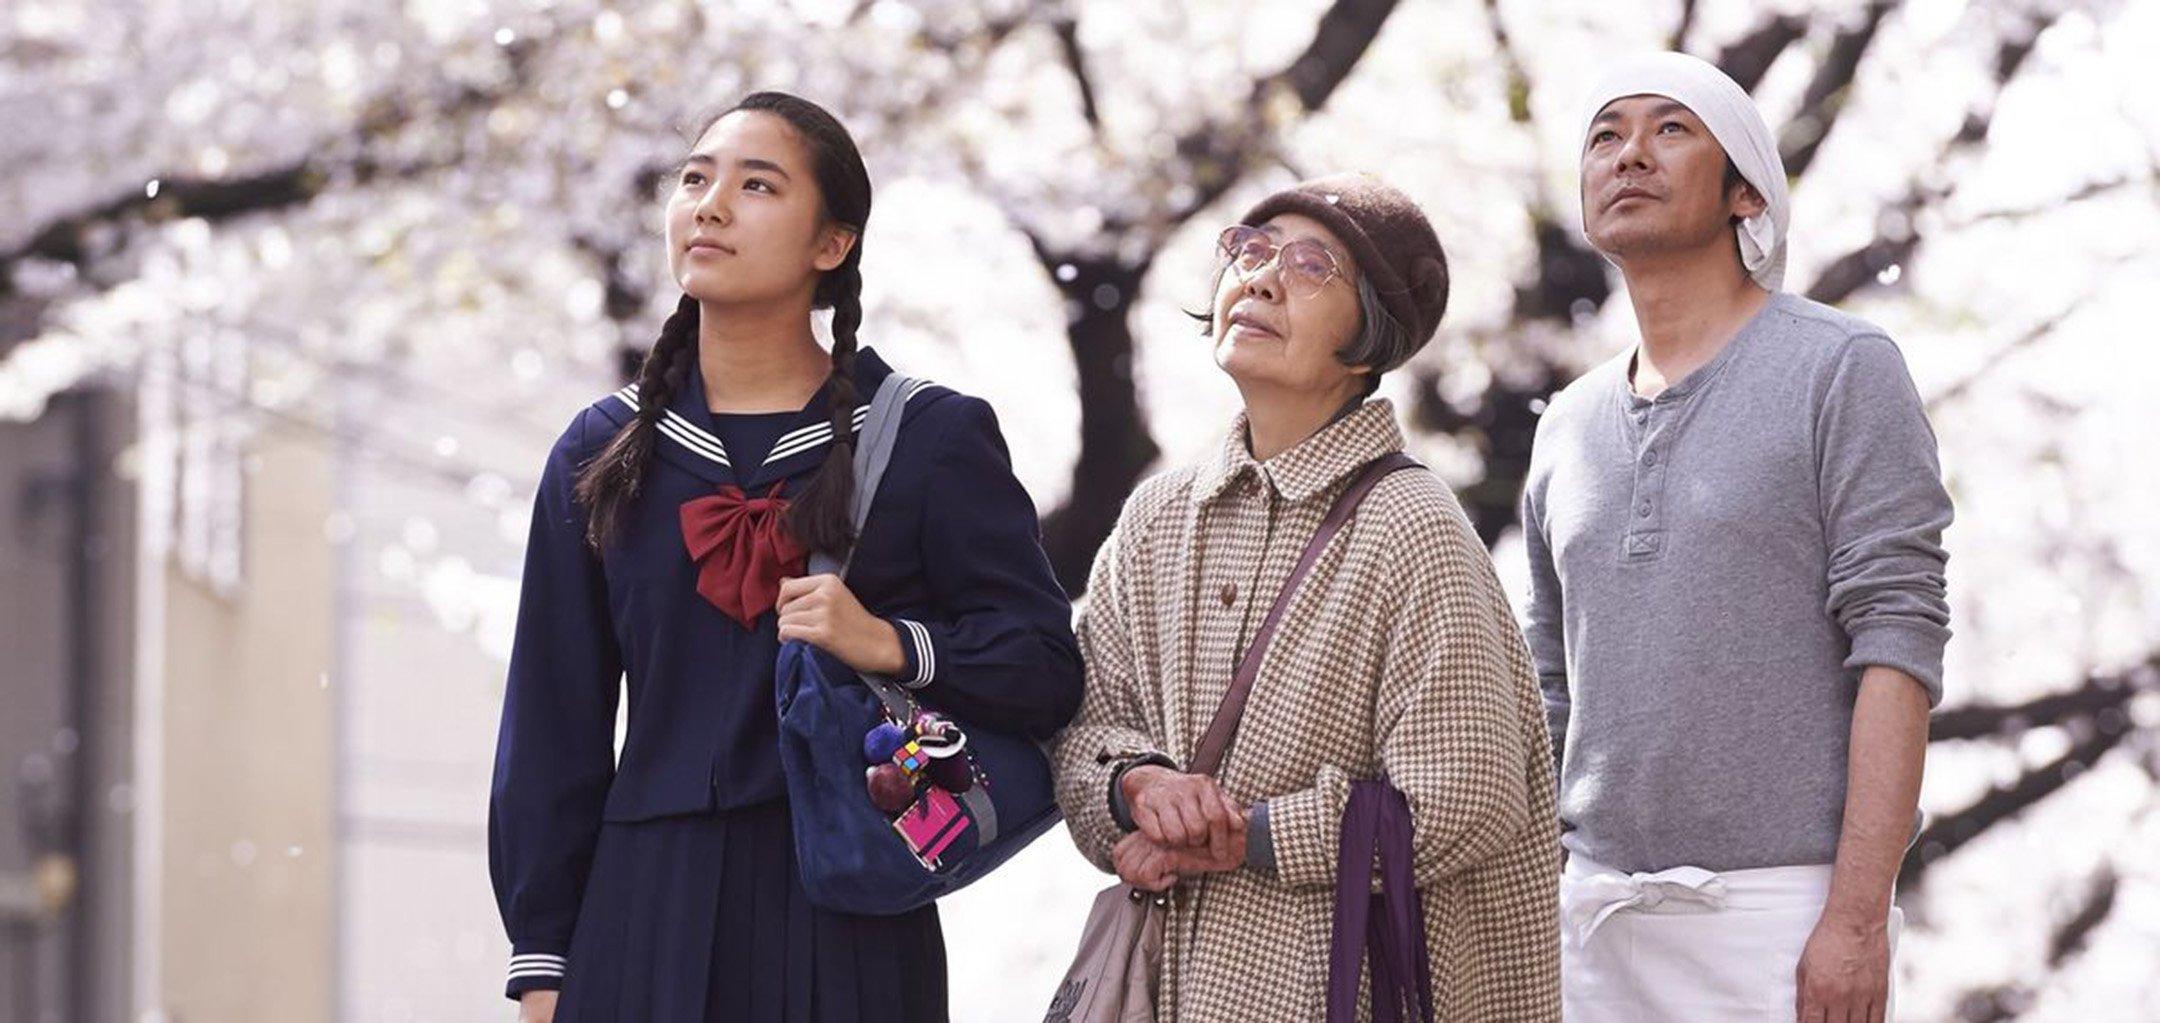 Nagase Masatoshi, Kyara Uchida, Kirin Kiki in a still from 'An (Sweet Bean)' (2015)